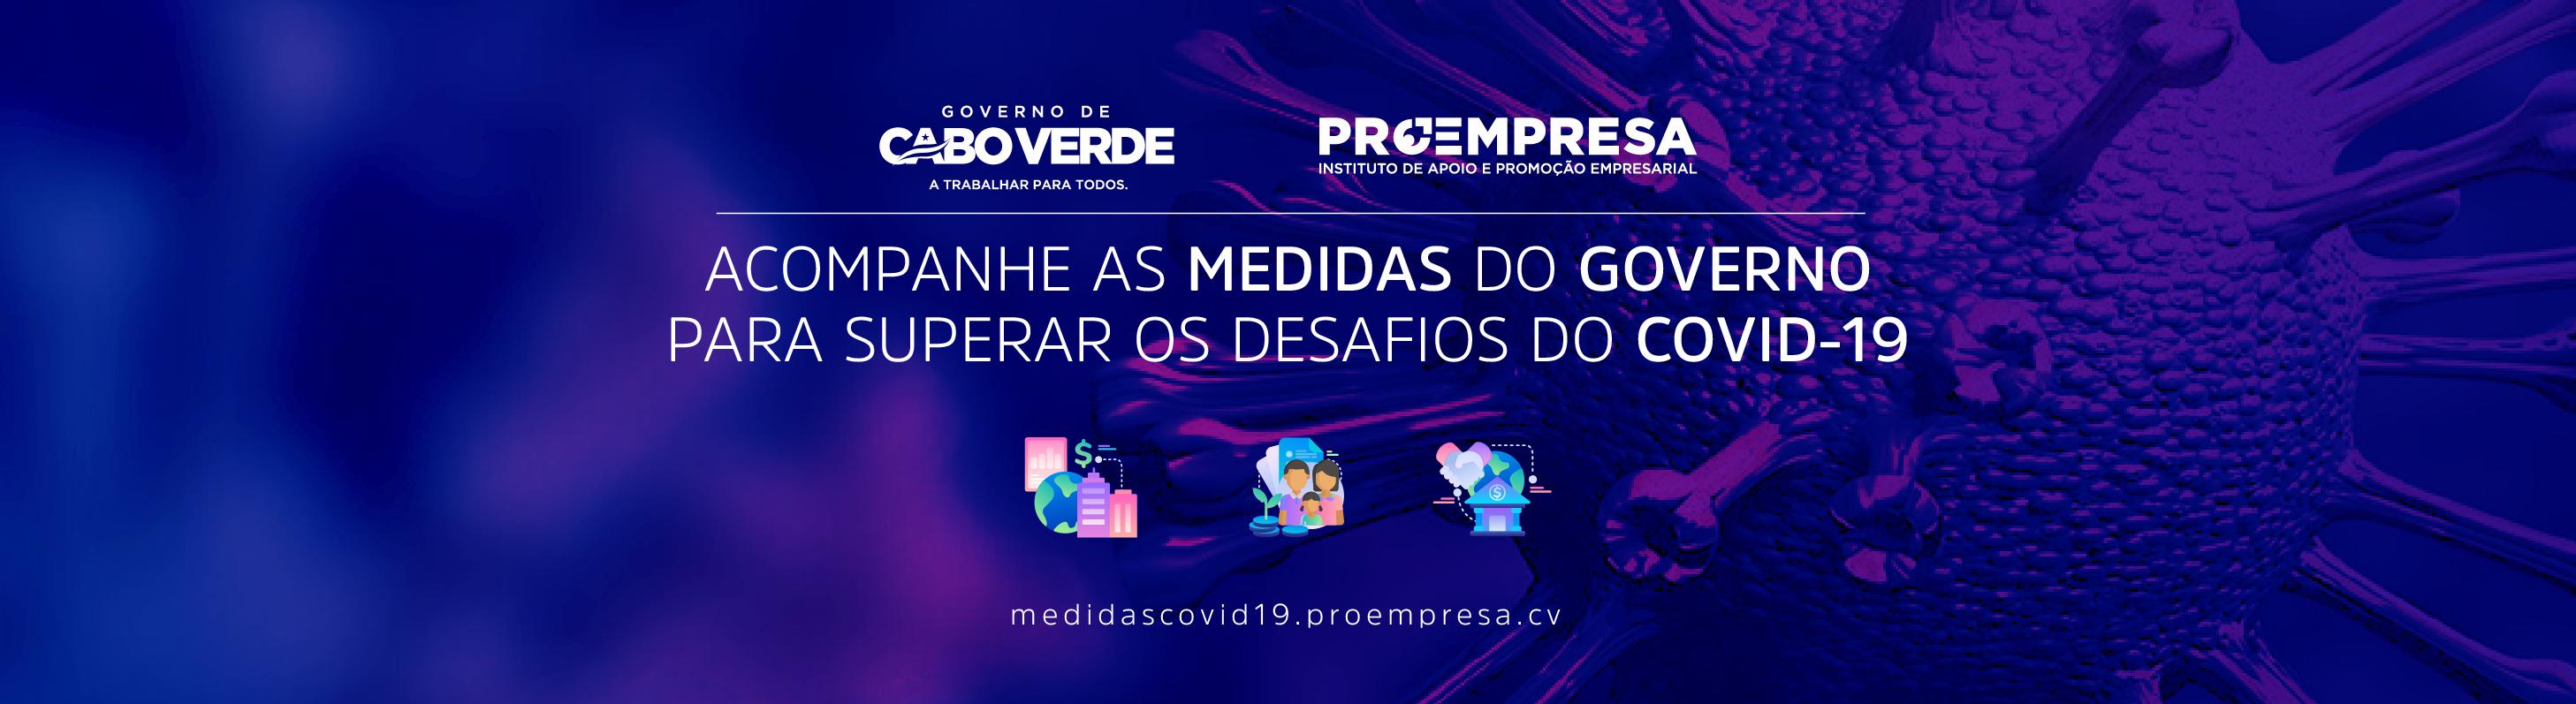 http://medidascovid19.proempresa.cv/